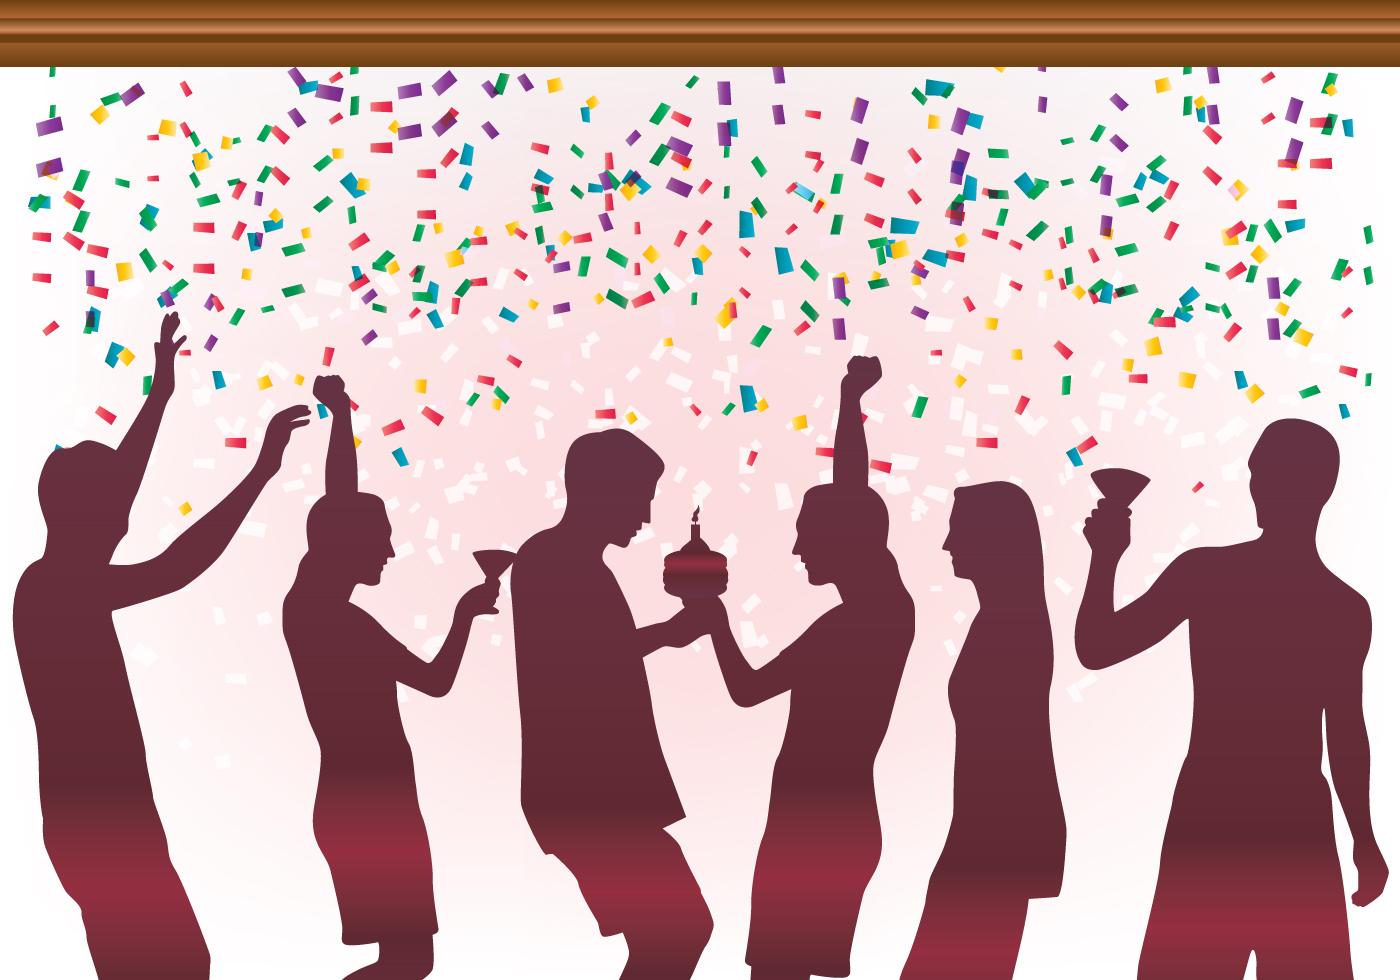 454th birthday celebrat celebrations - HD1400×980